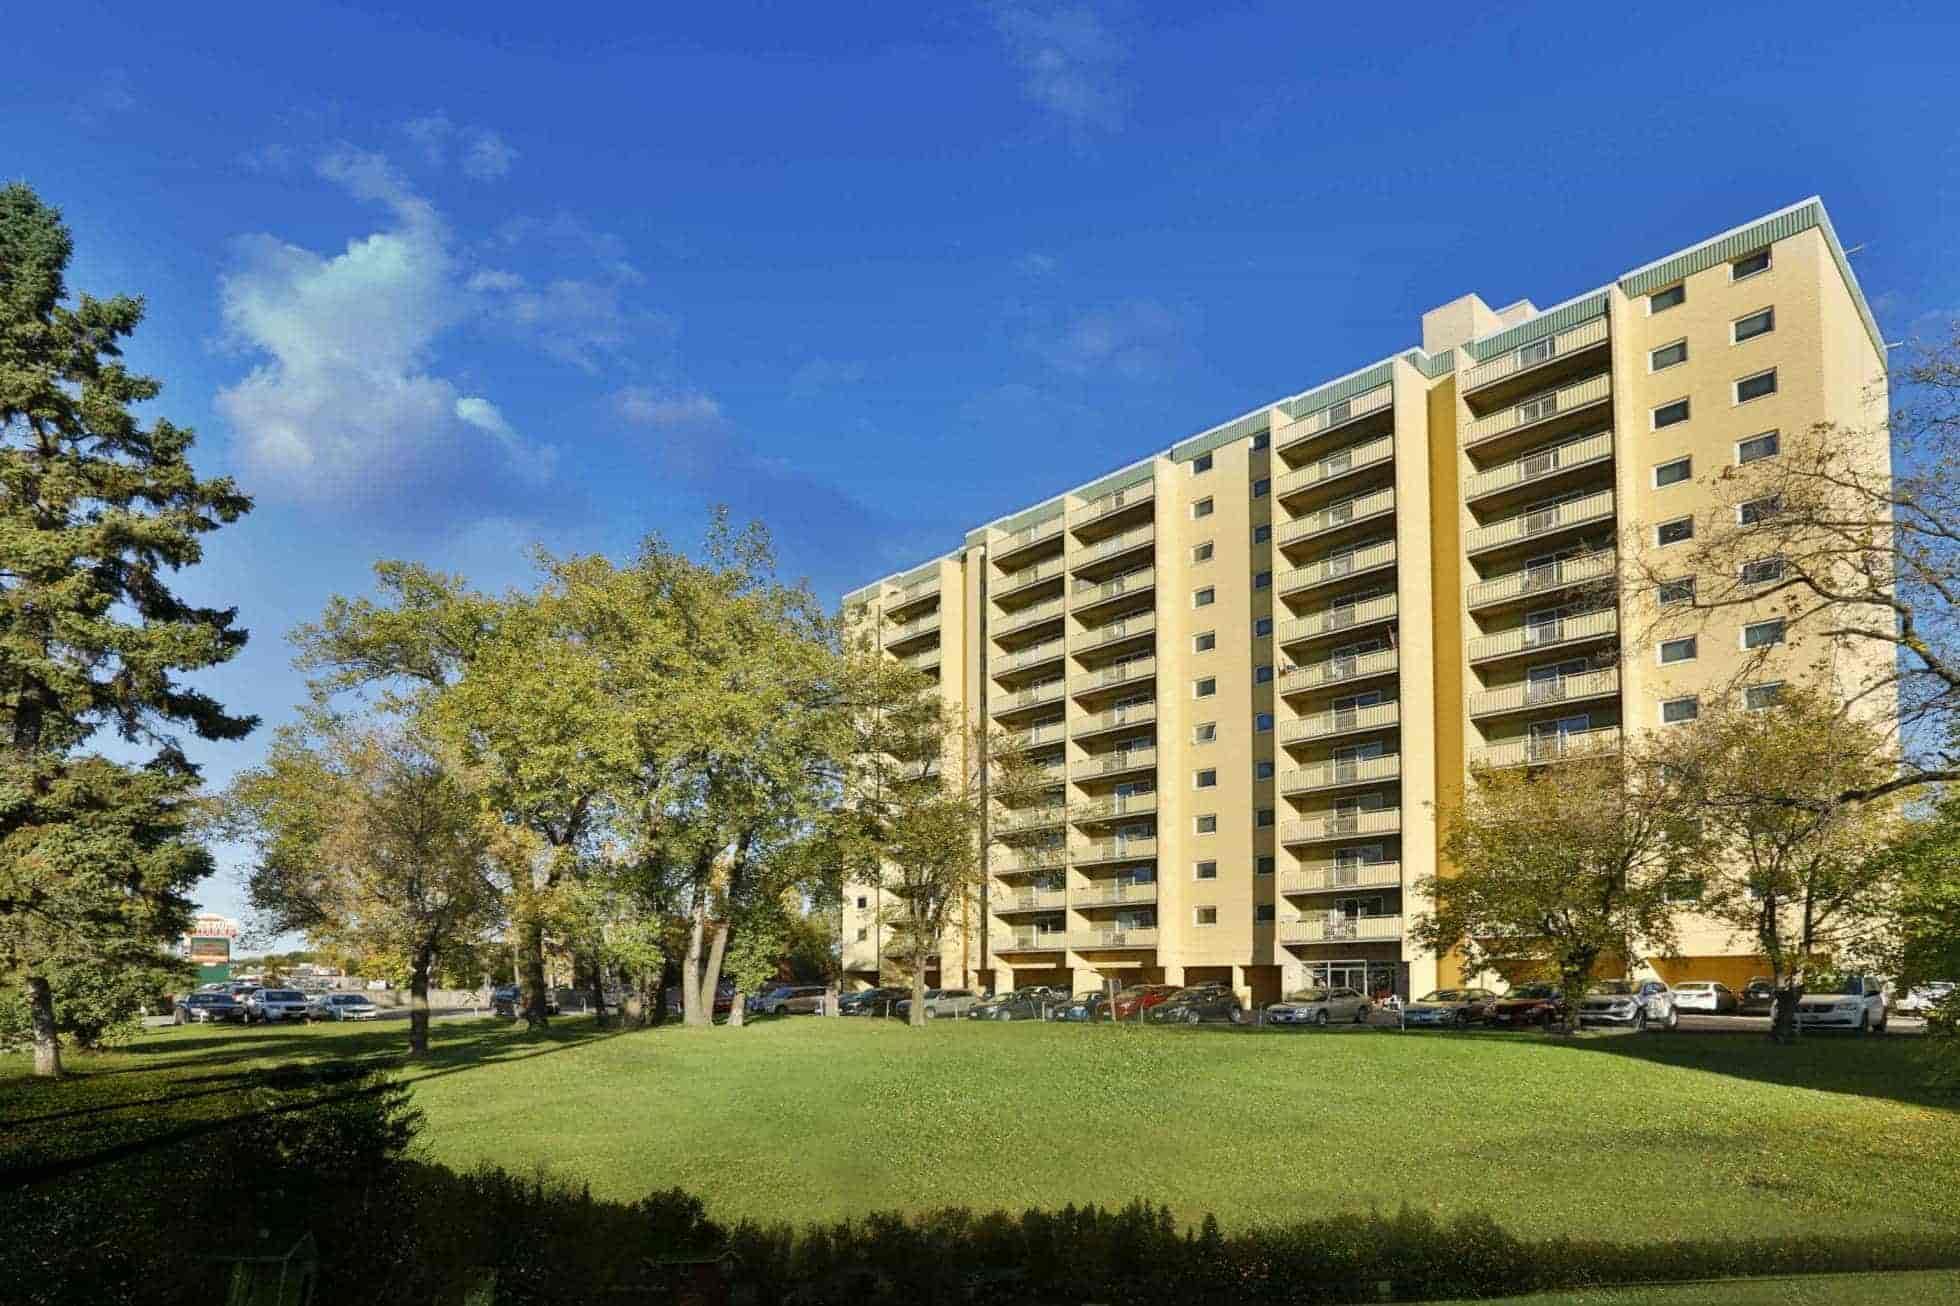 Norvilla Apartments